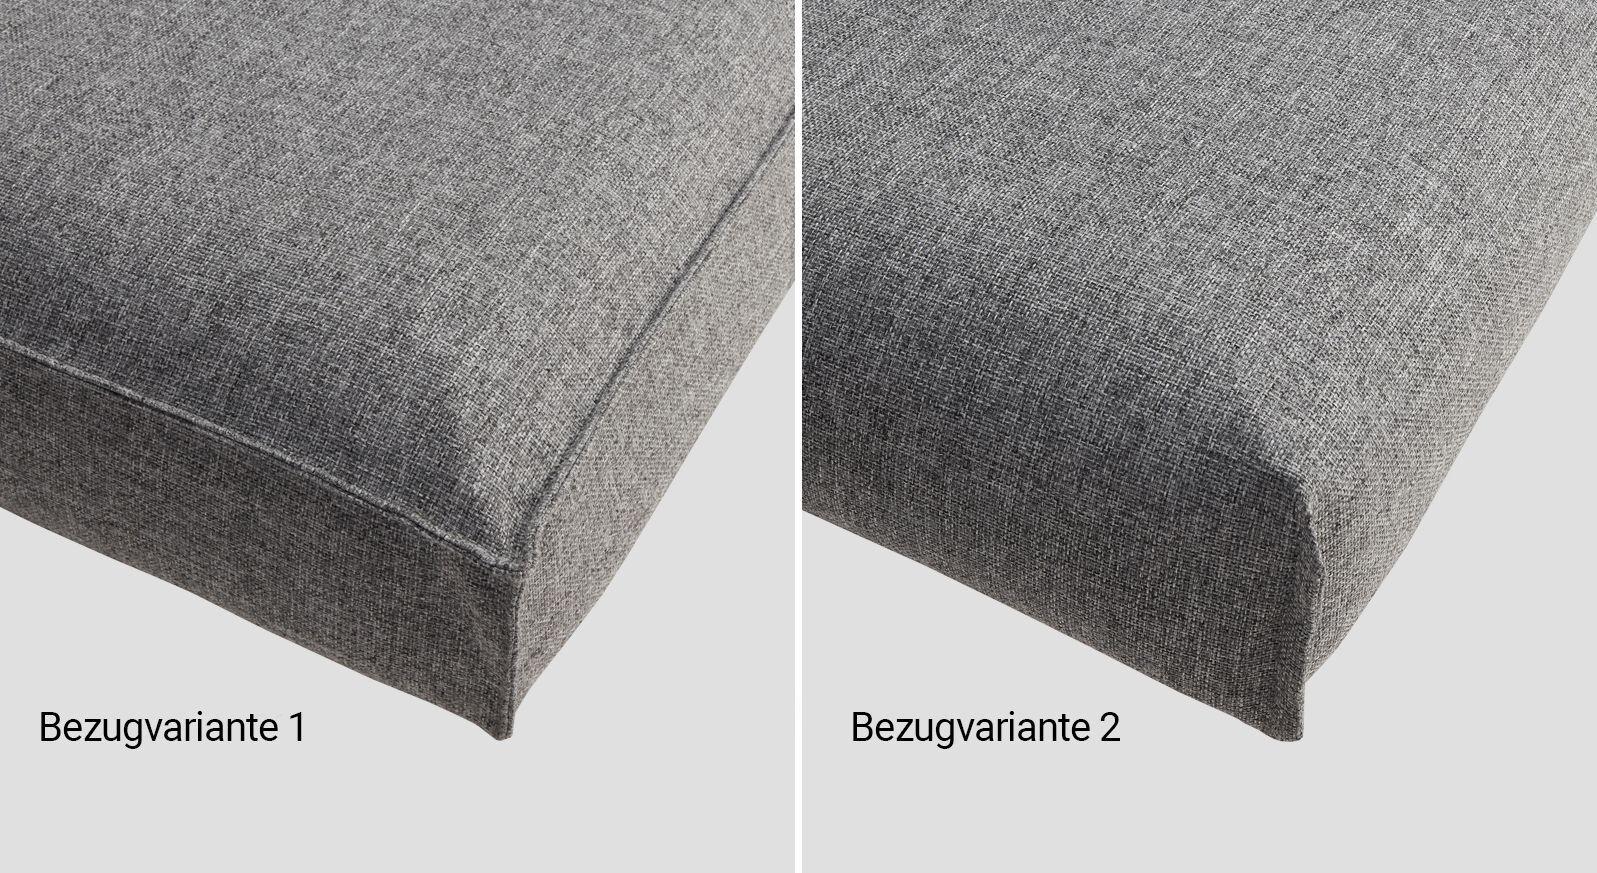 Ersatzbezüge für Querschläfer-Schlafsofas Variante 1 und 2